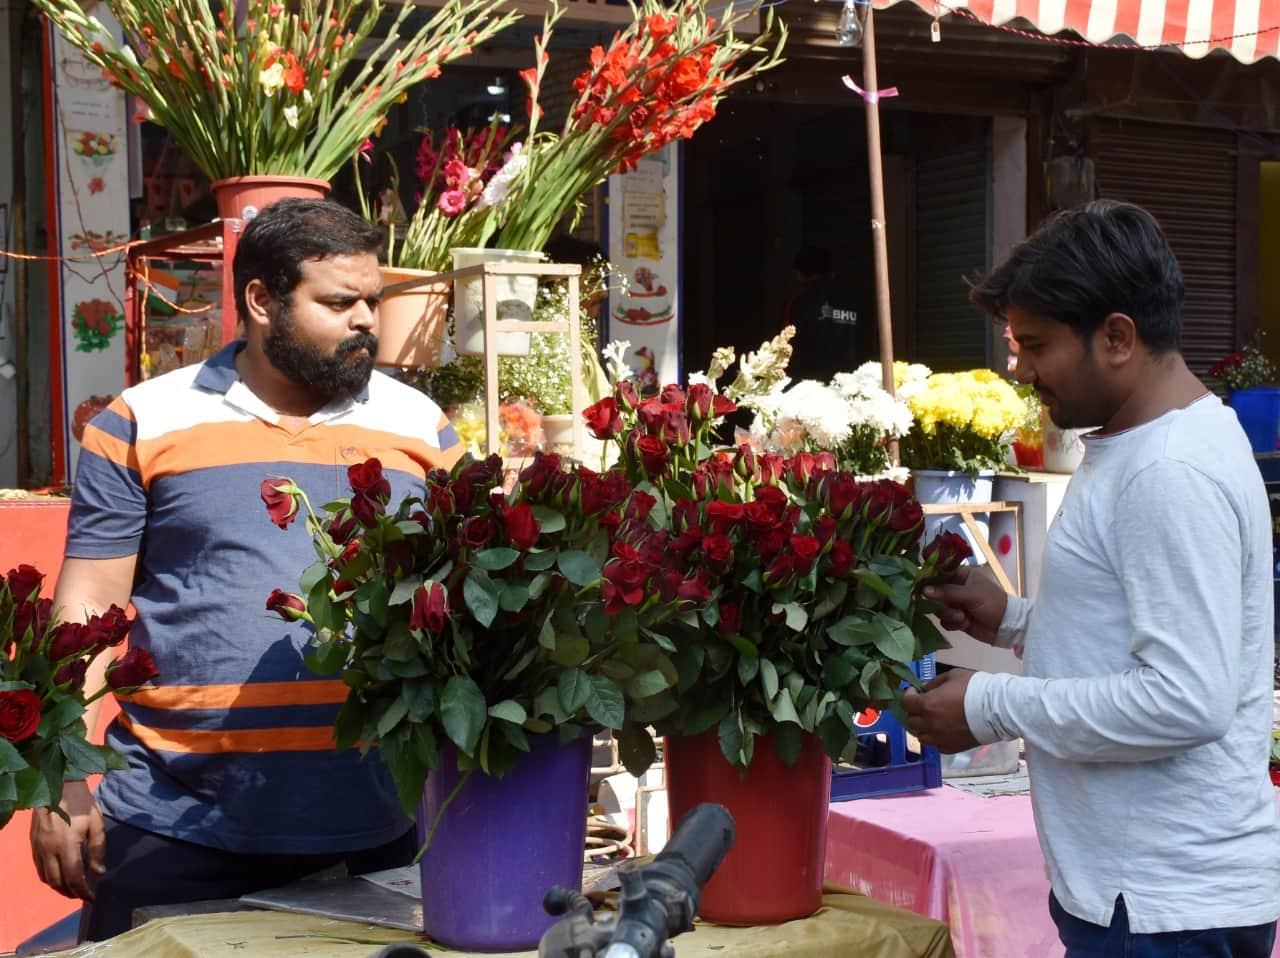 वैलेंटाइन डे पर प्यार का इजहार करने के लिए अपनी प्रेमिका के लिए गुलाब खरीदता एक प्रेमी.